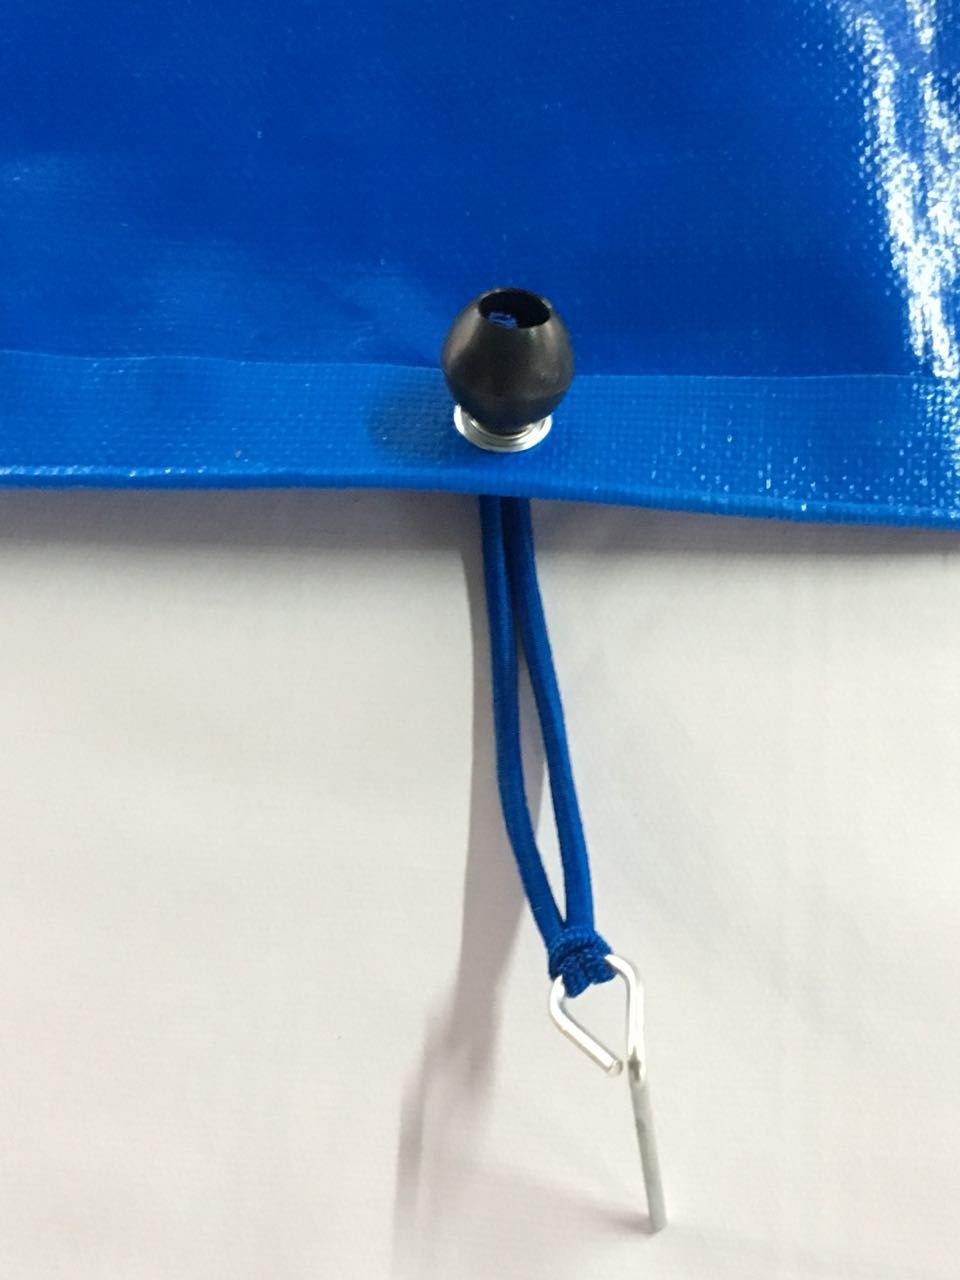 Capa para Piscina SL 300 Azul Completa com Acessórios Pinos e Extensores 2,5x4,5 m